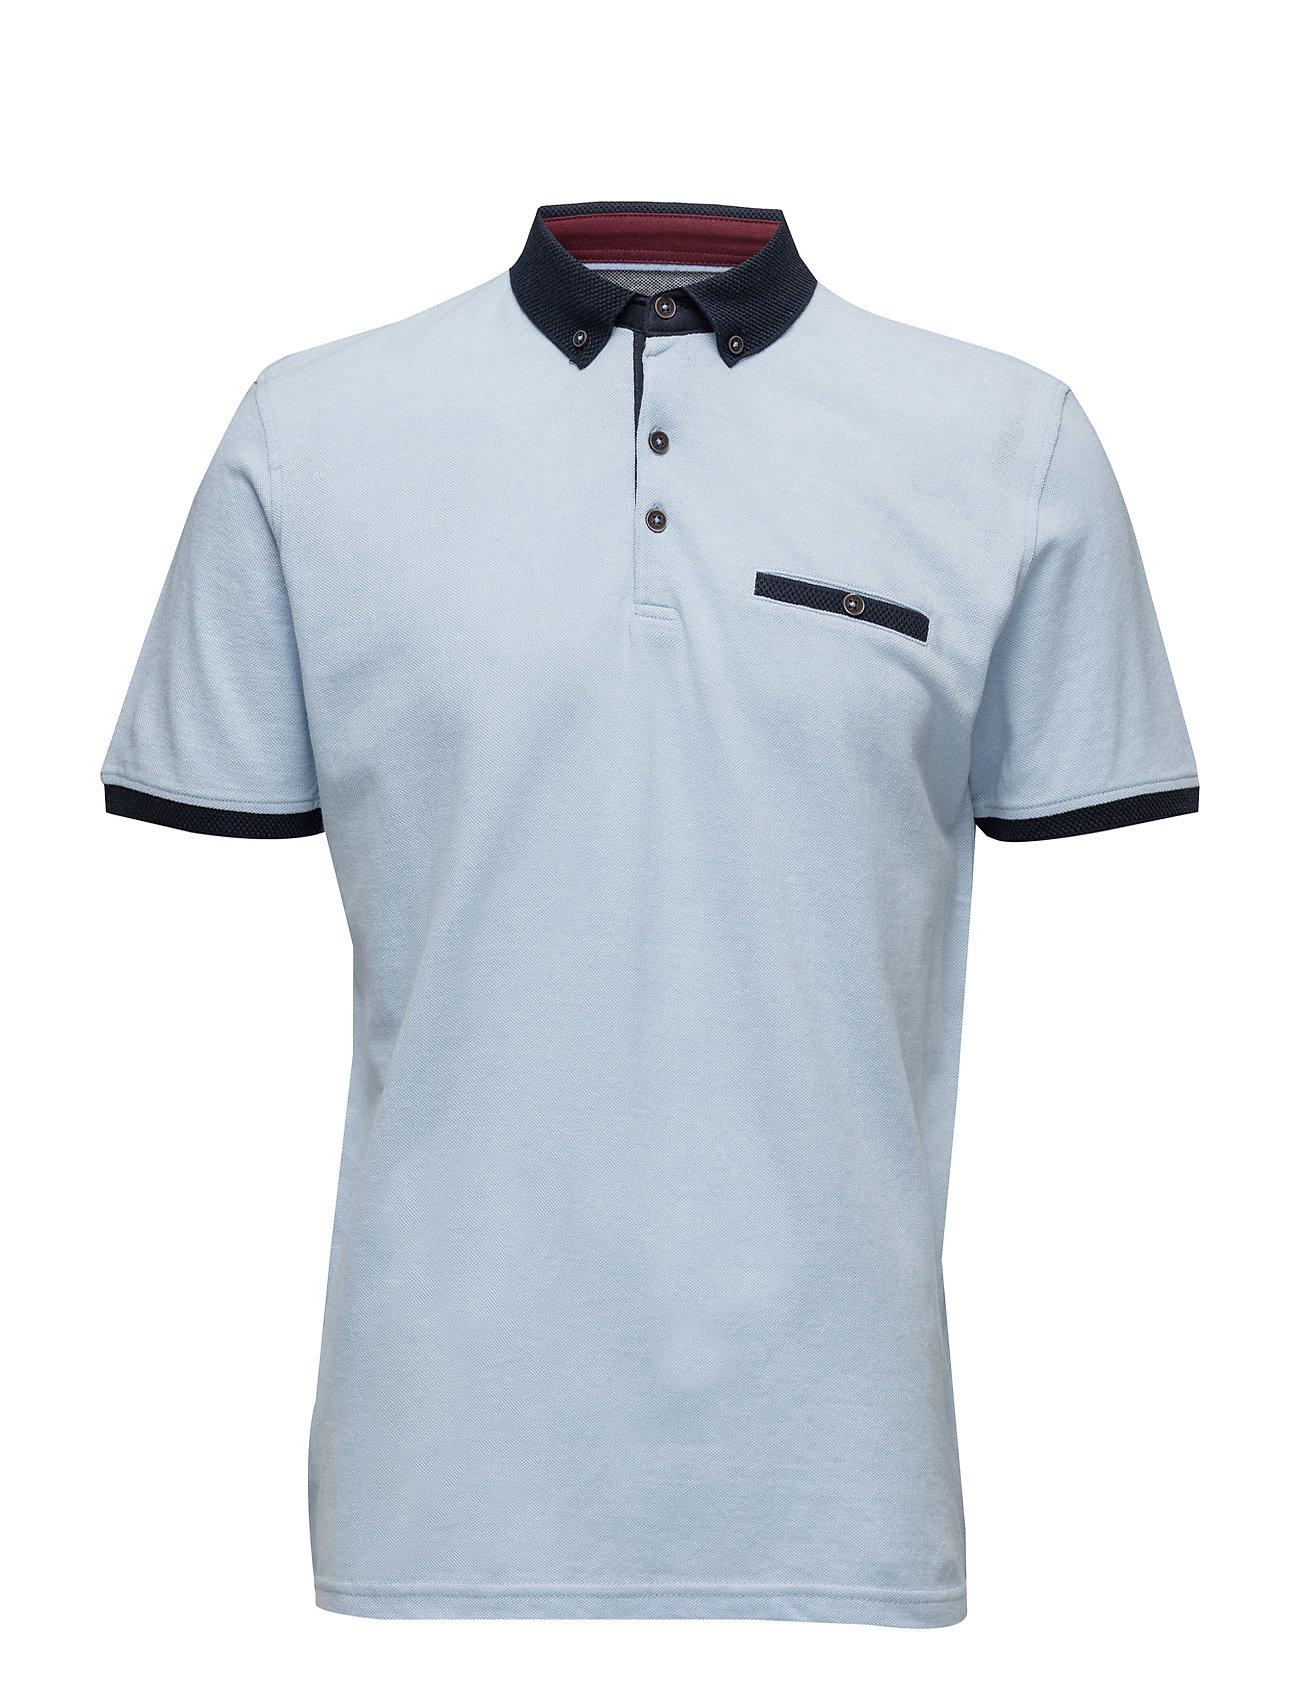 Polo Shirt W.Contrasts S/S Lindbergh Polo t-shirts til Mænd i